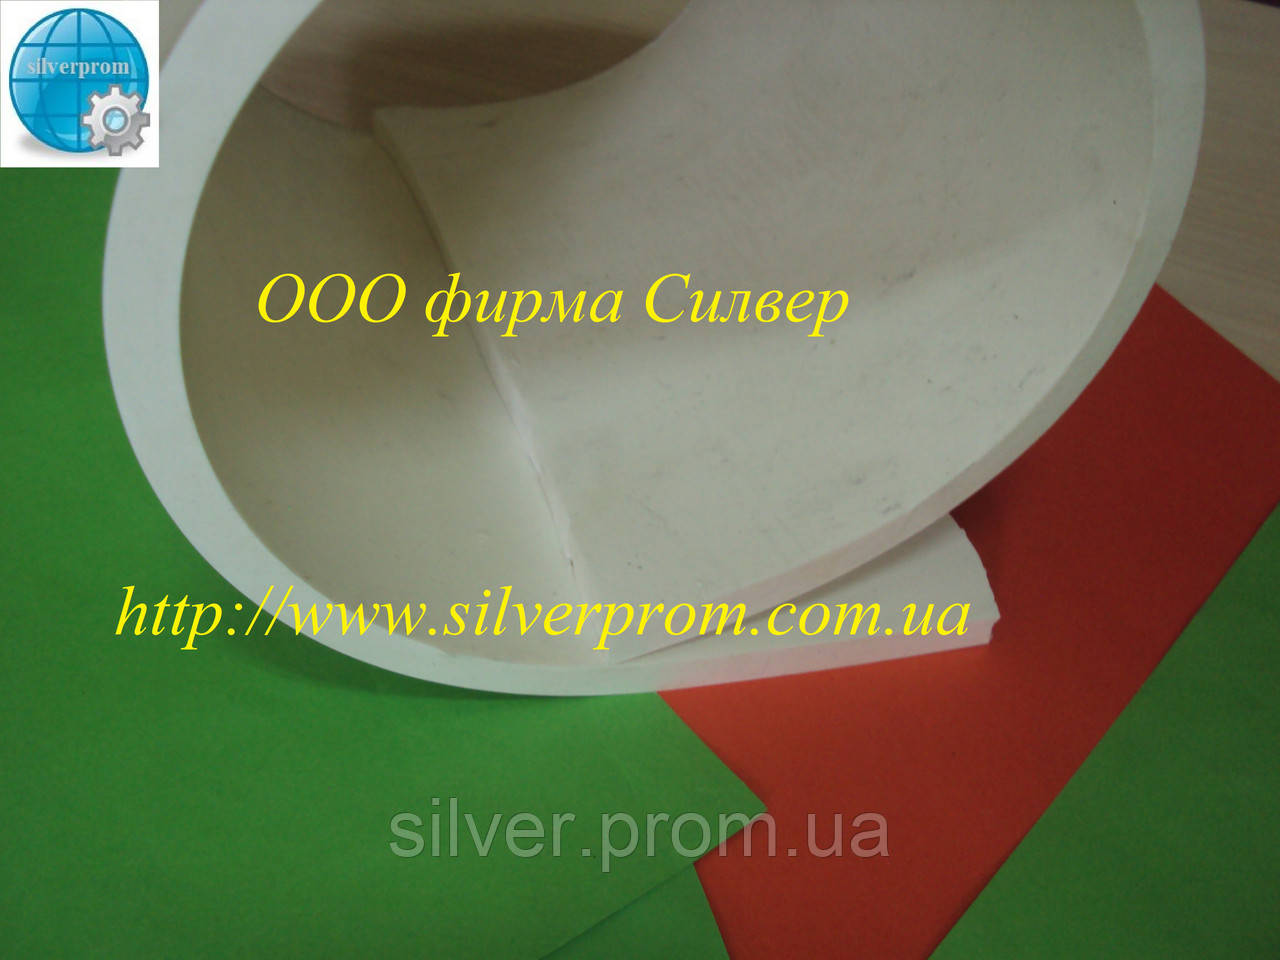 Пластина пищевая силиконовая жаропрочная (до +280) толщина от 1 мм до 40 мм